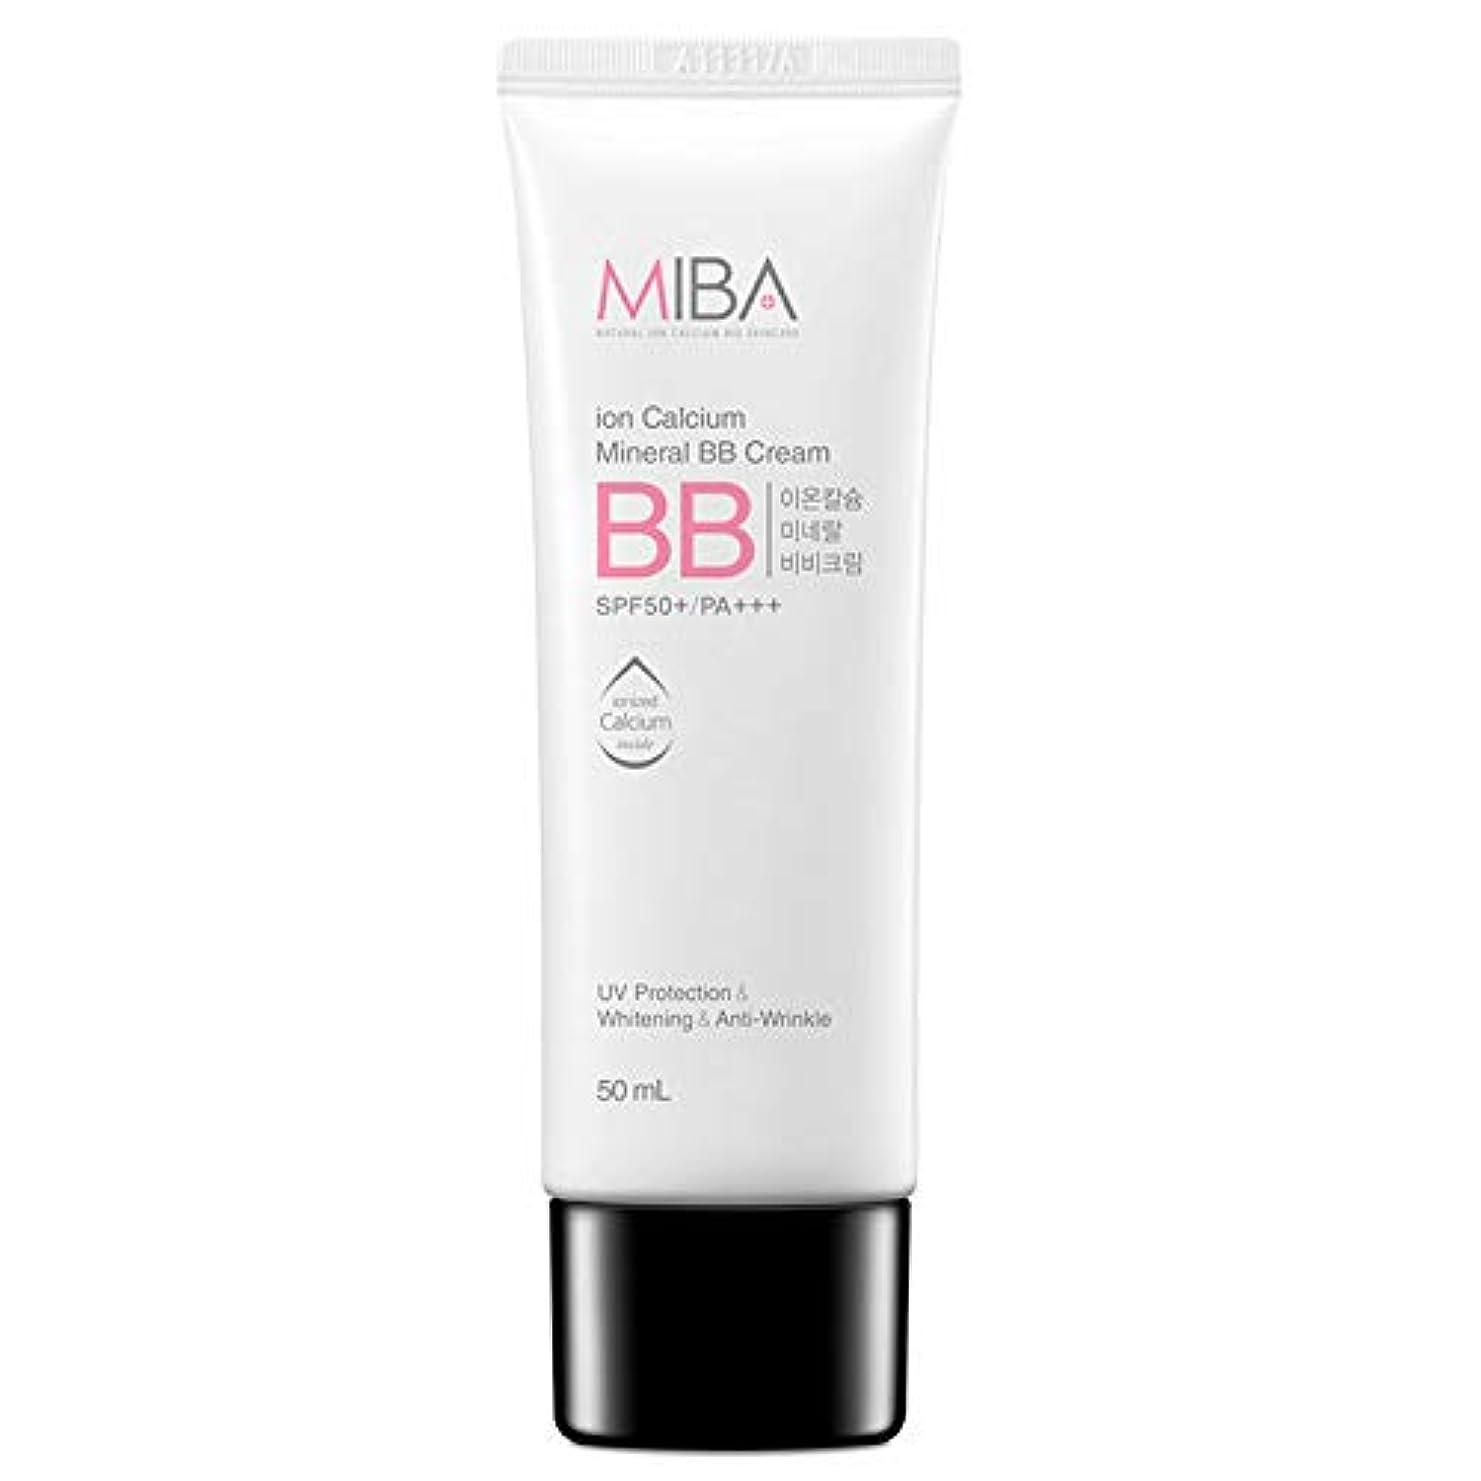 蛇行ケーブル取り戻すスキンDr ミバ IC ミネラルBBクリーム SPF50+/ PA+++ / MIBA Ion Calcium Mineral BB Cream [正規品]